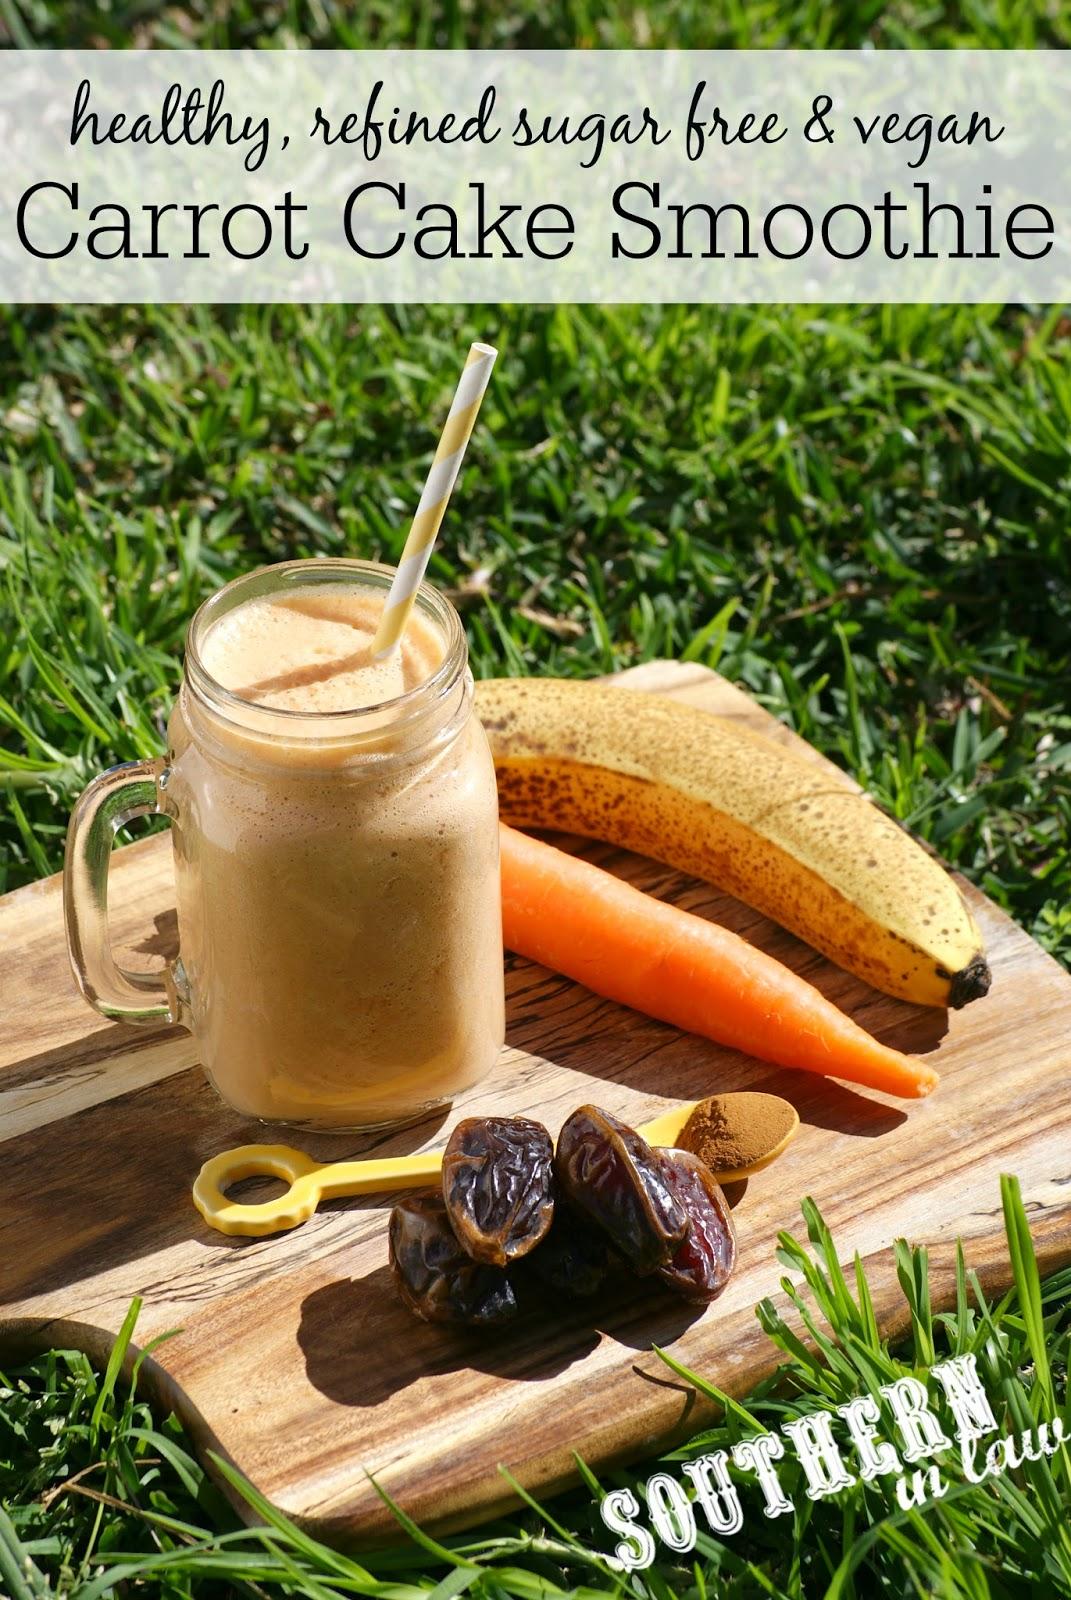 Vegan Carrot Cake Smoothie Recipe - low fat, gluten free, vegan, sugar free, paleo